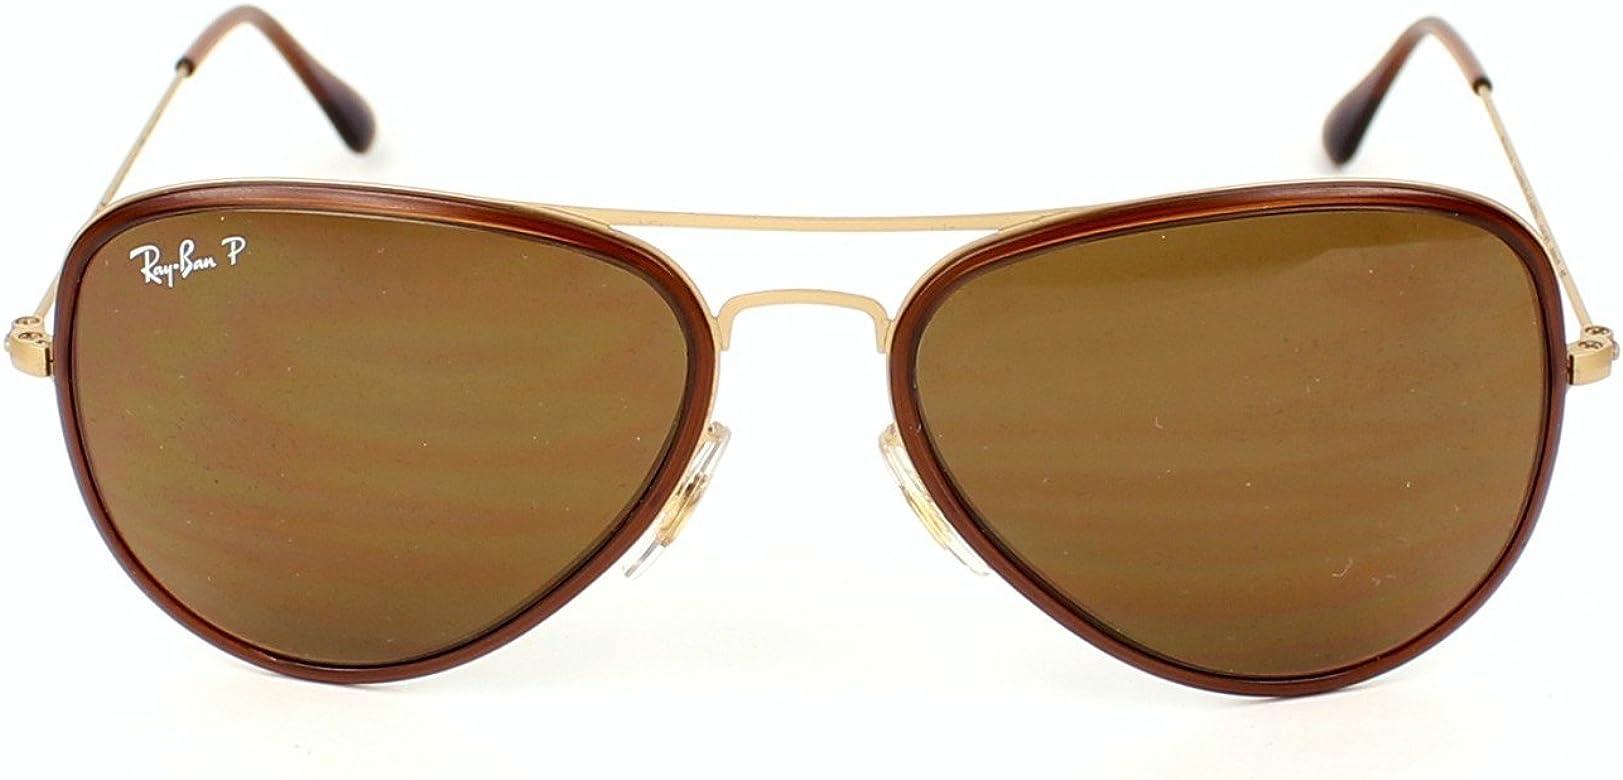 Ray-Ban Gafas De Sol Mod. 3513M 149/83 Dorado: Amazon.es: Zapatos y complementos